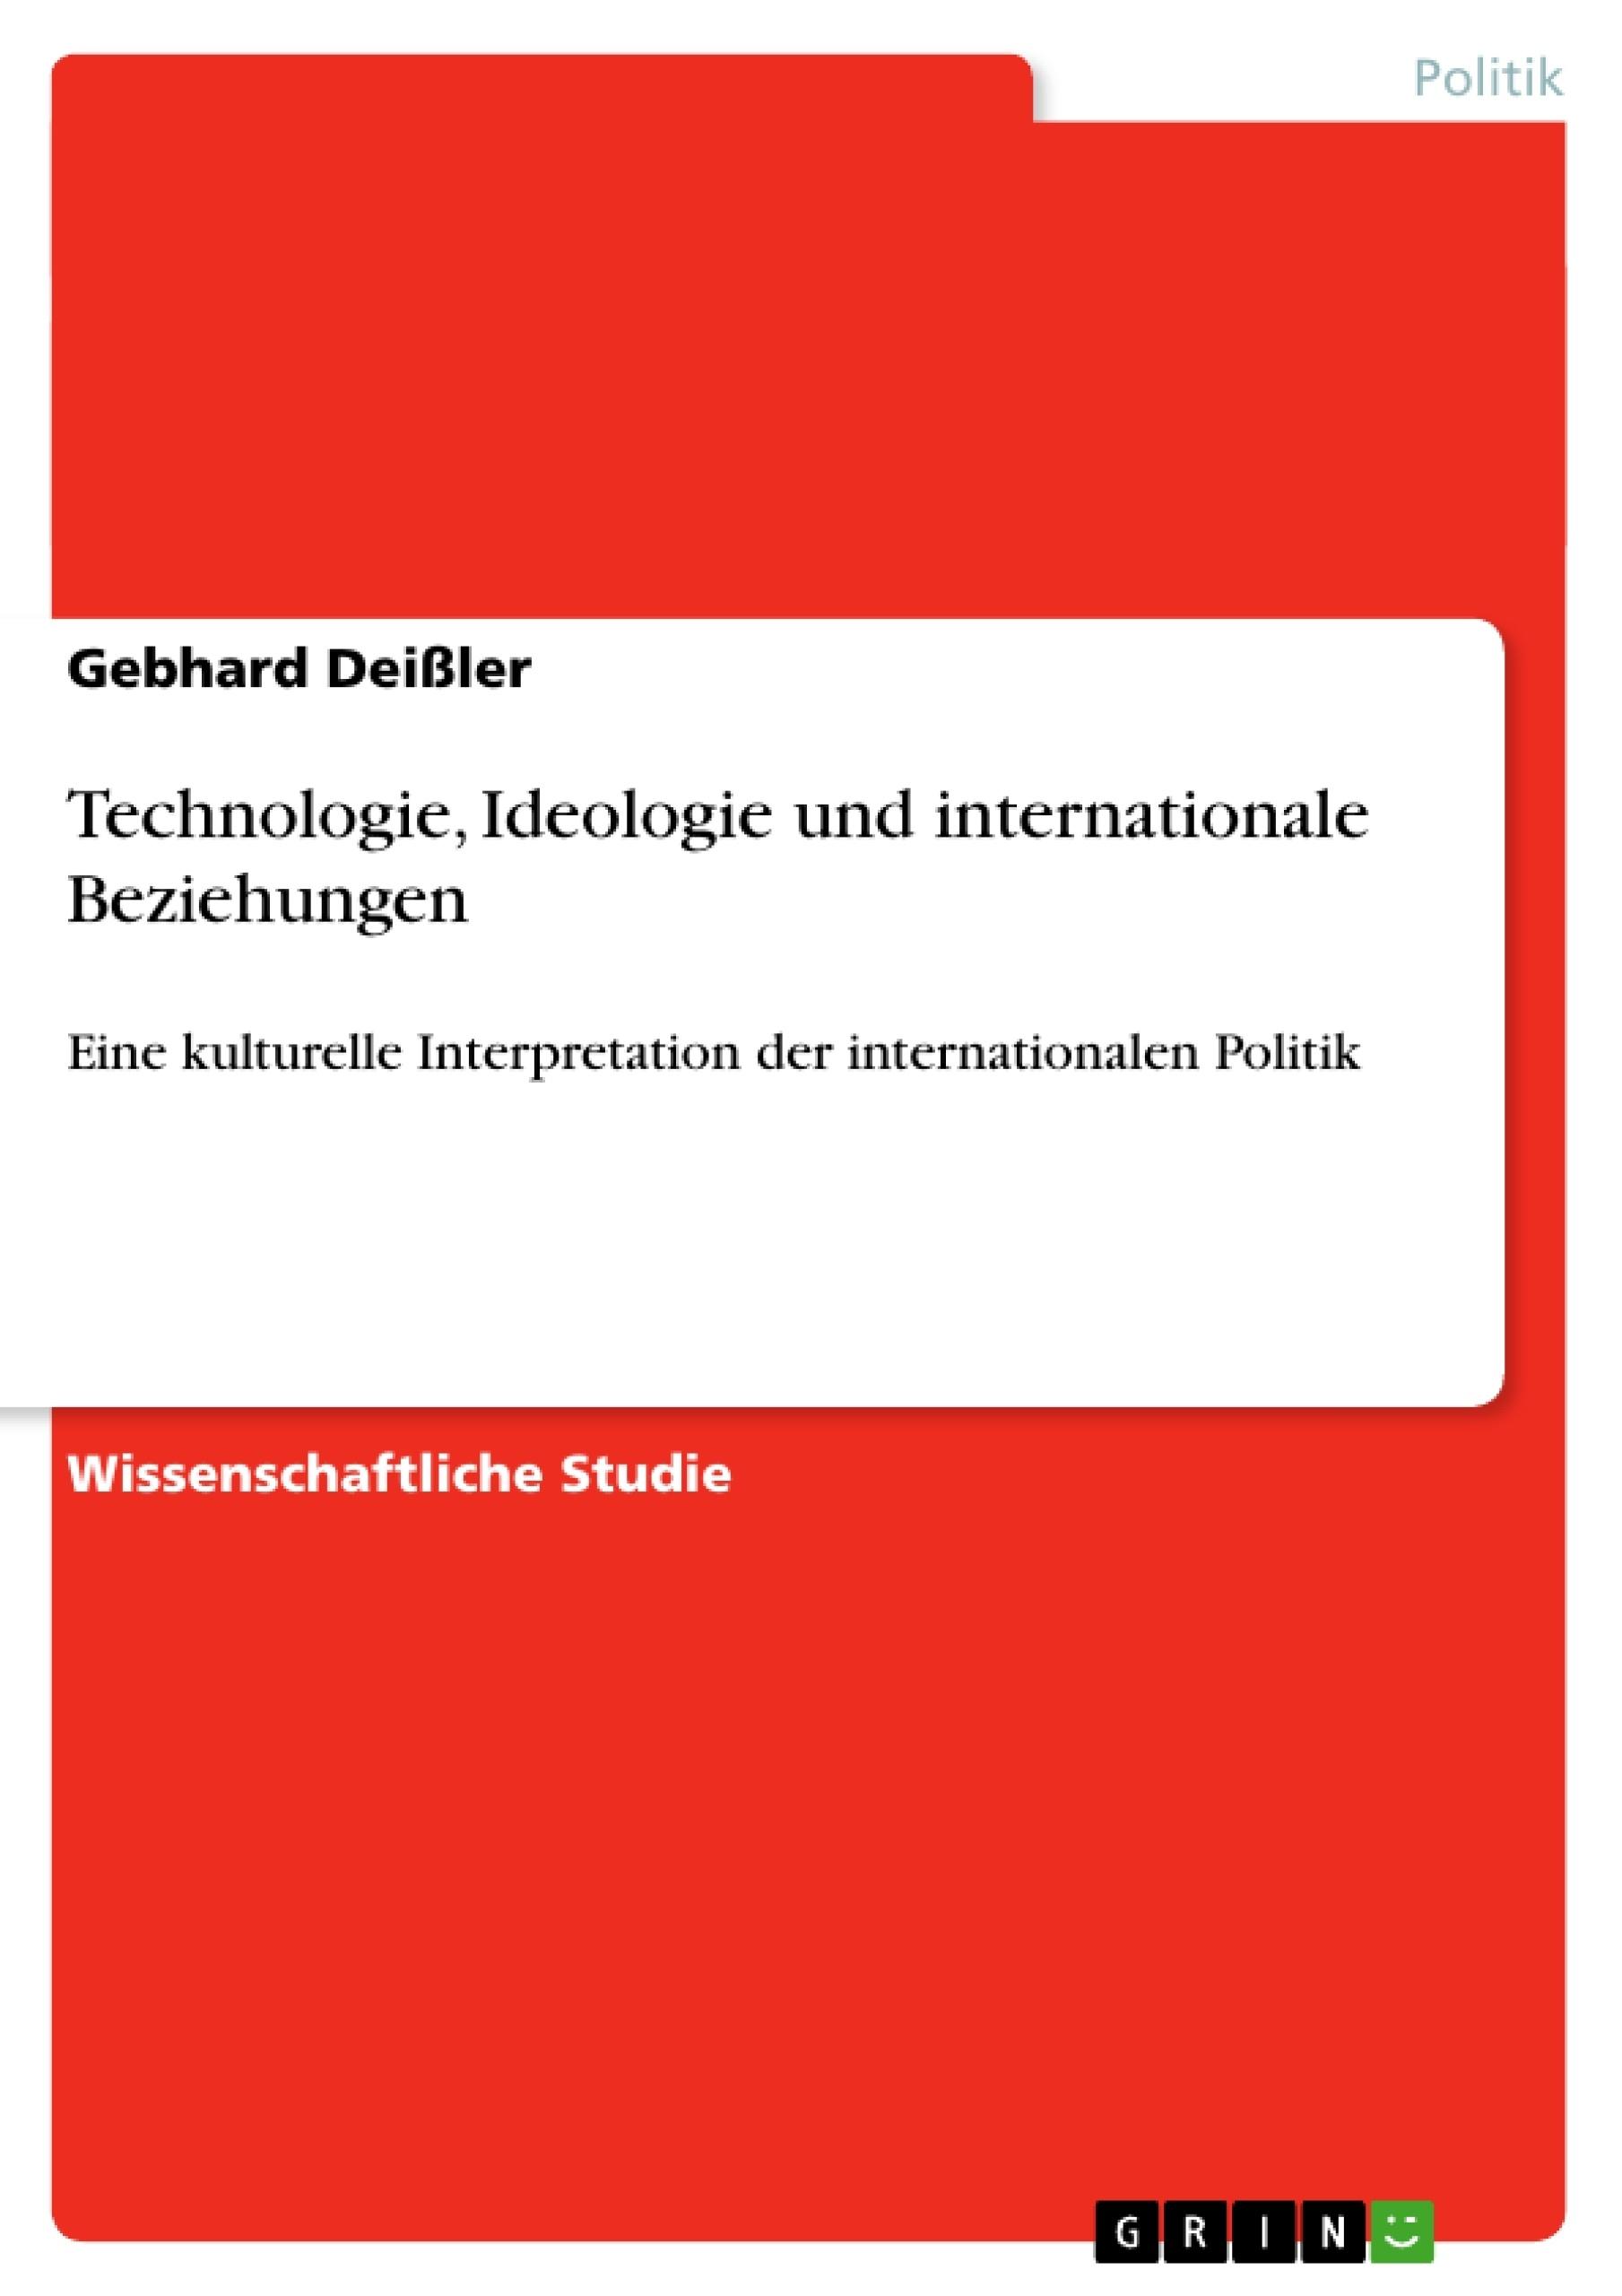 Titel: Technologie, Ideologie und internationale Beziehungen